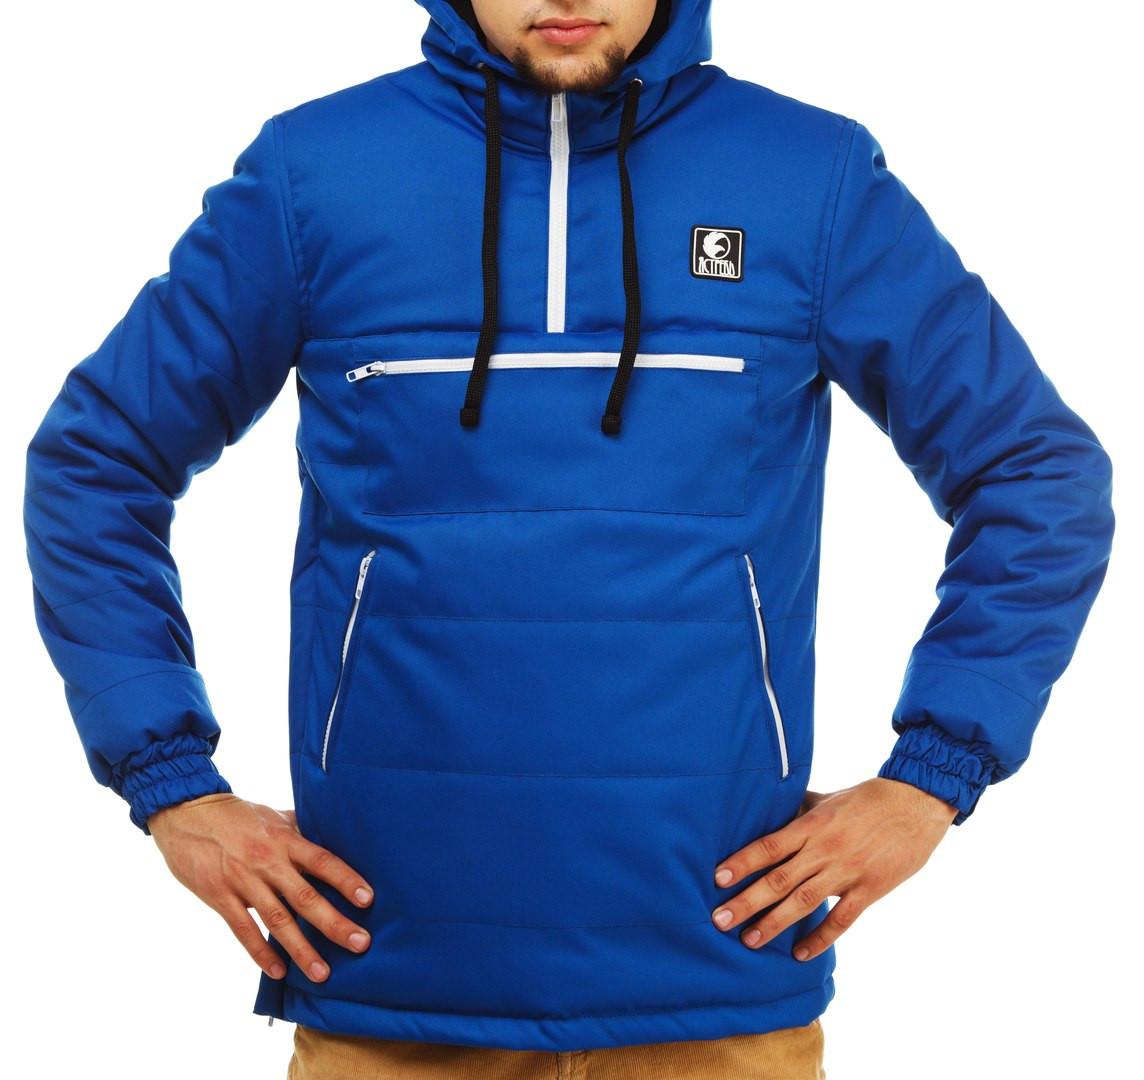 Зимний анорак Ястреб синий, теплая куртка